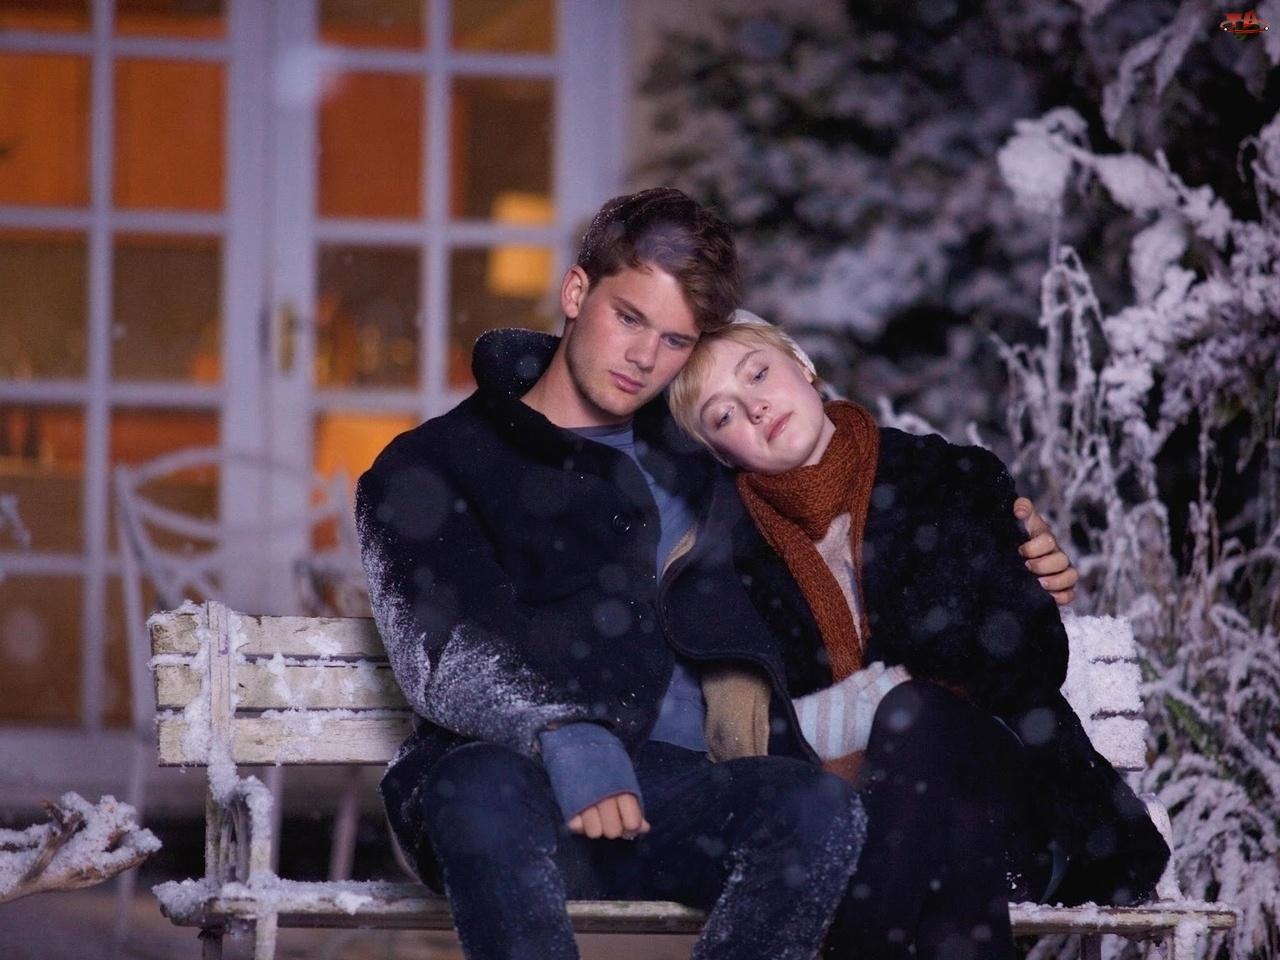 Śnieg, Film, Jeremy Irvine, Dakota Fanning, Ławka